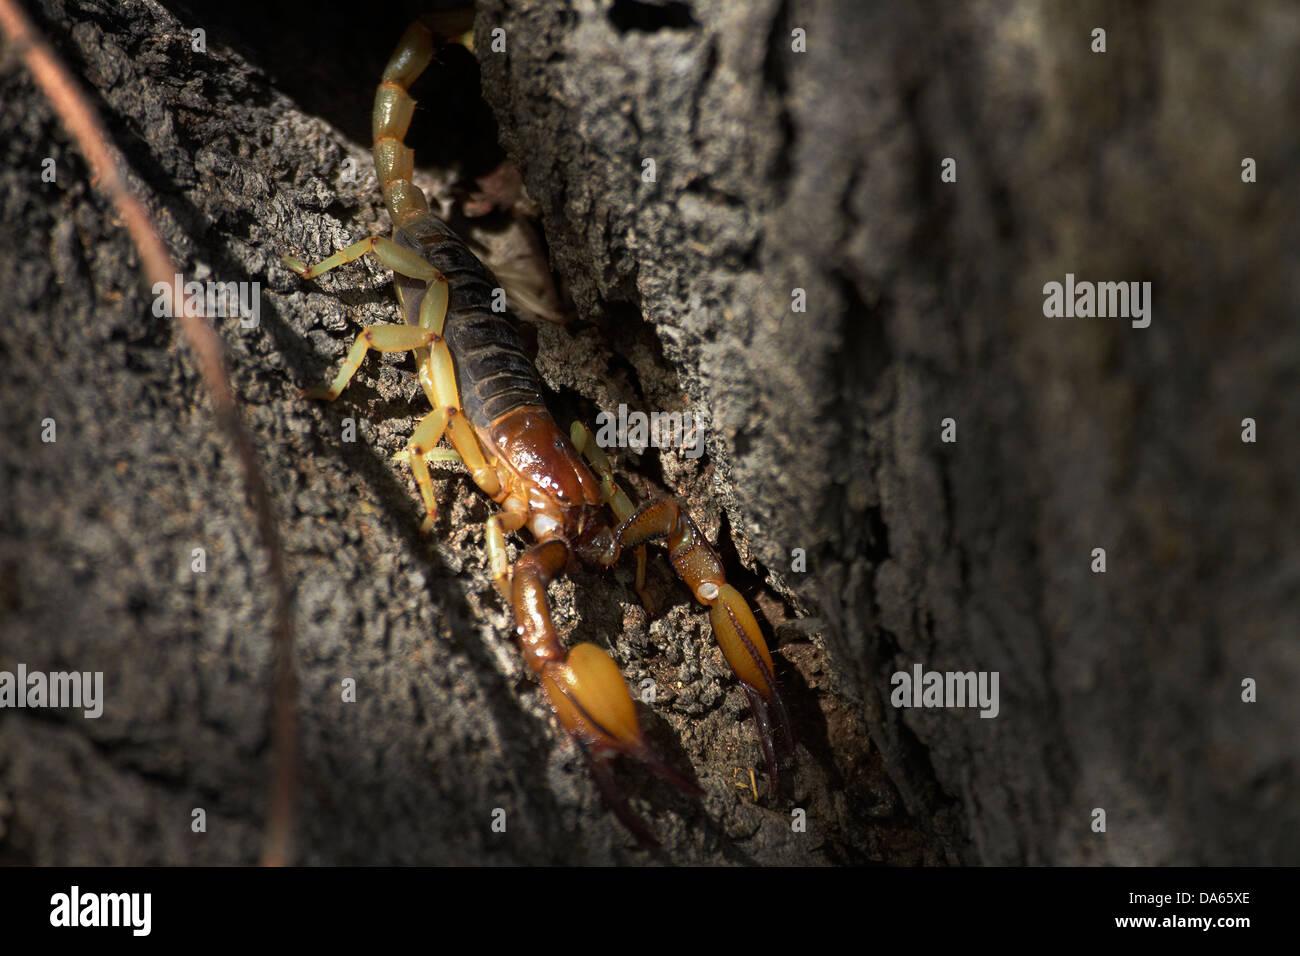 Large scorpion, Etosha National Park, Namibia, Africa - Stock Image